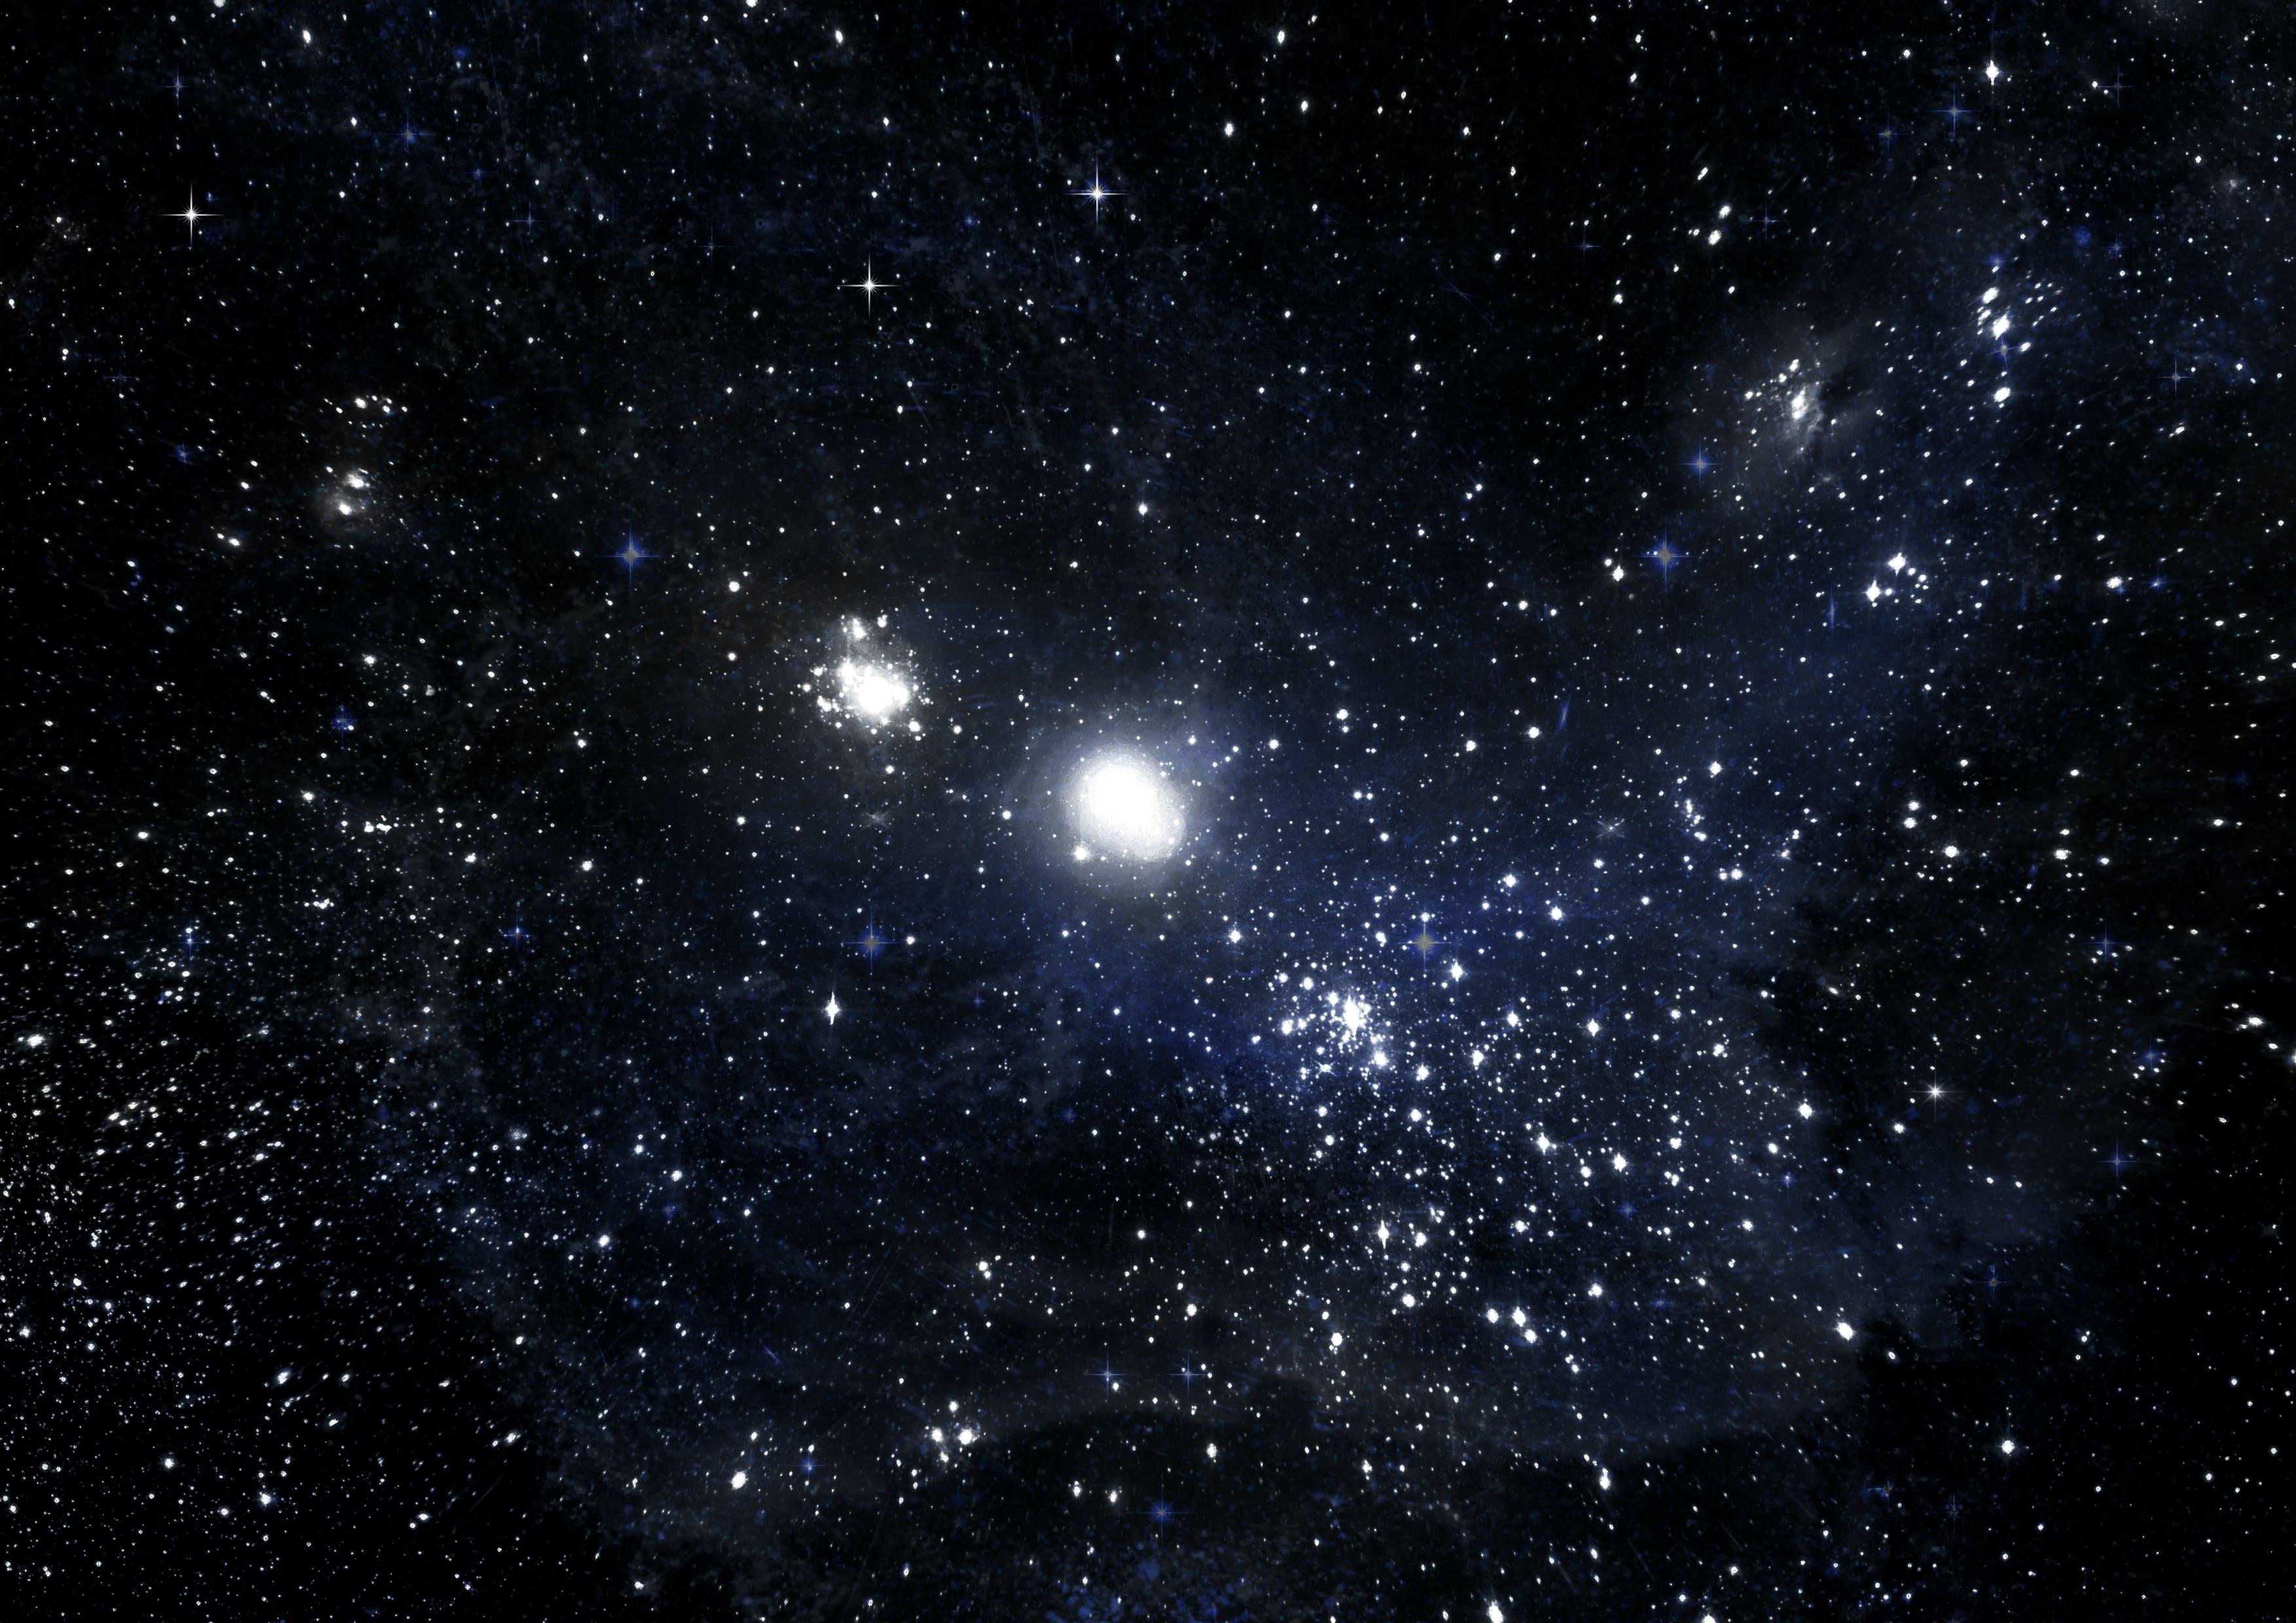 mörk materia och mörk energi